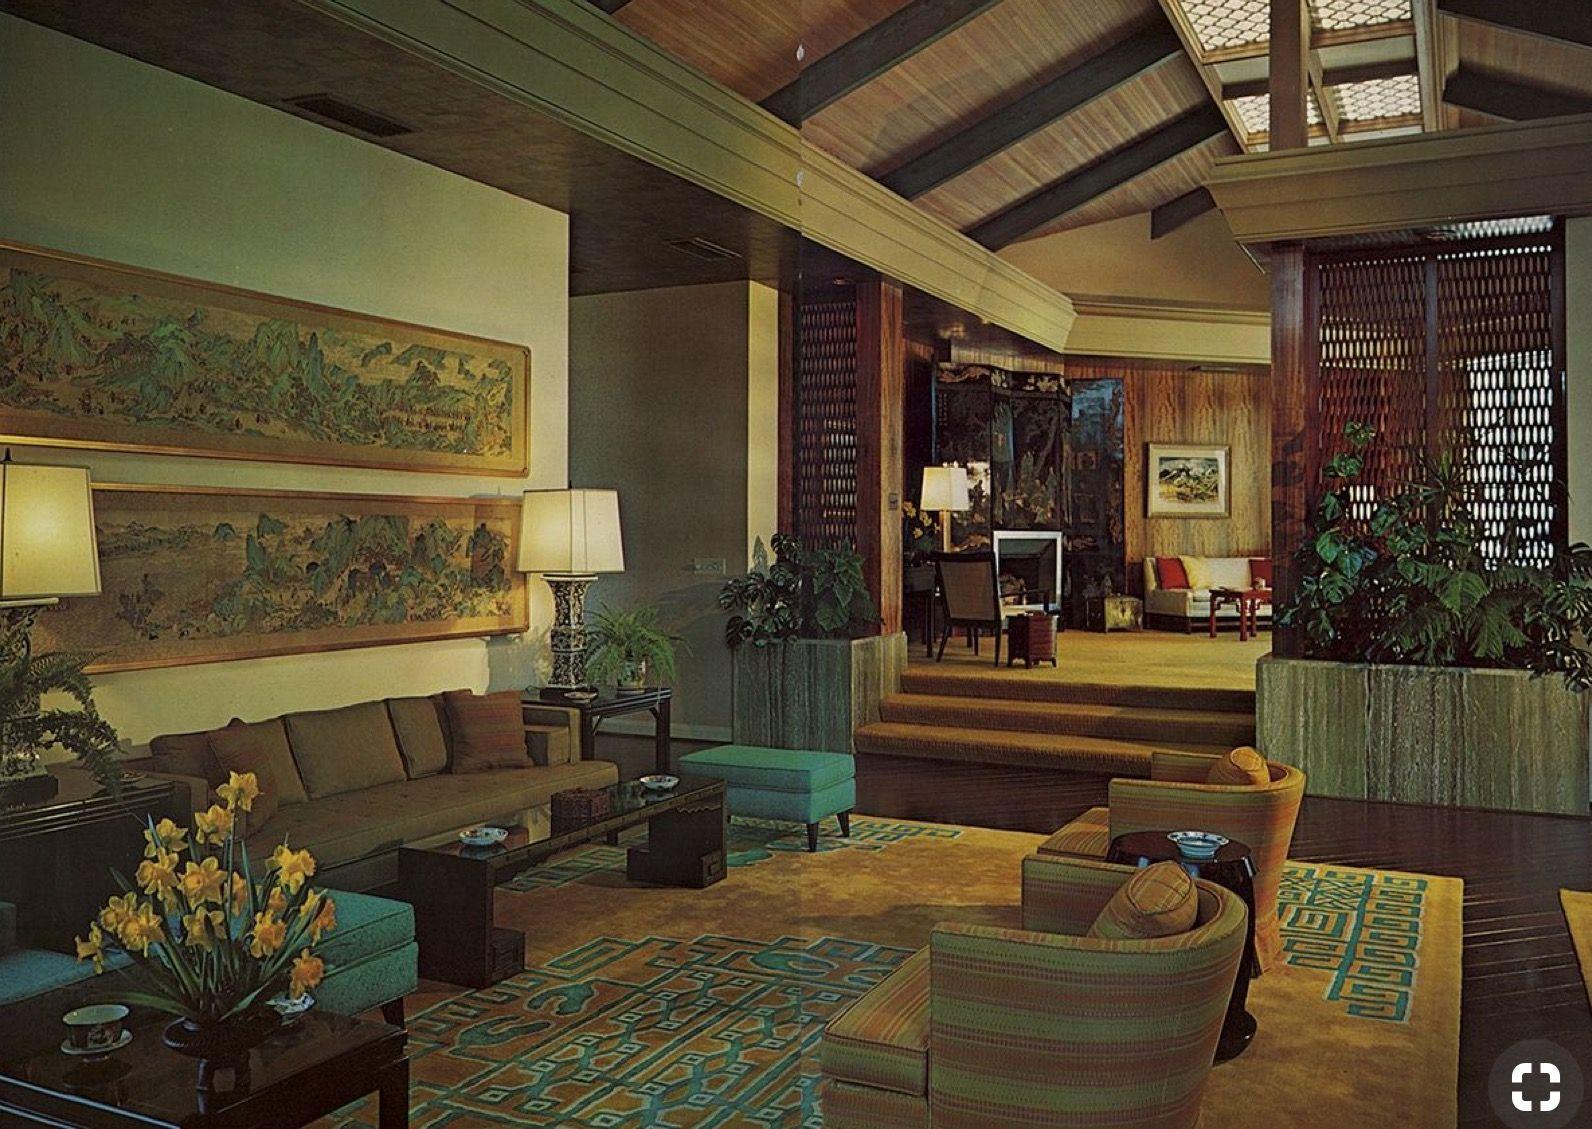 Pingl par s bastien dupuy sur old images pinterest design s jour maison et s jour - Idees decors du milieu du siecle salon ...